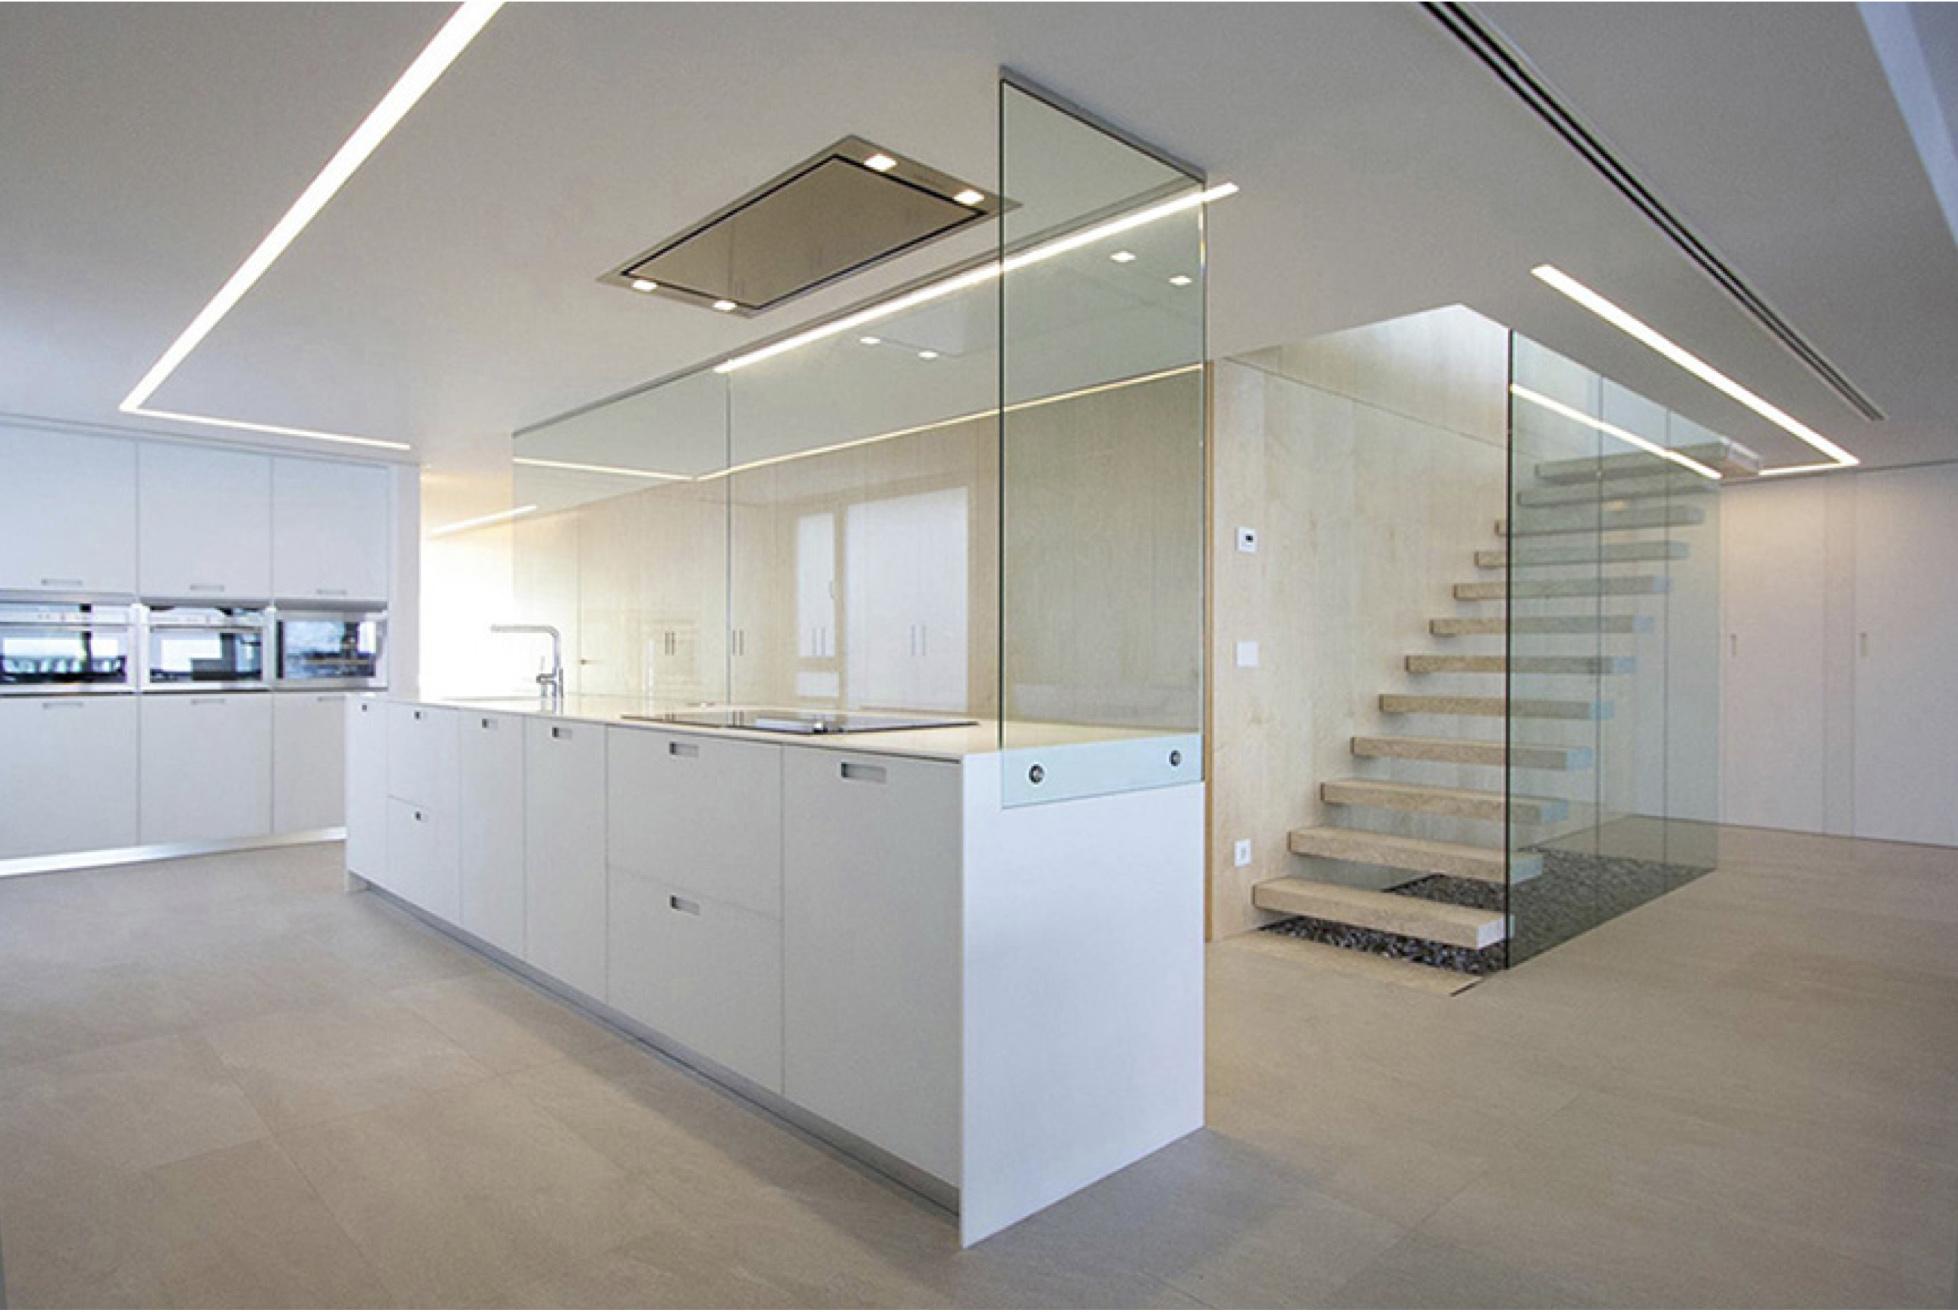 Isla de cocina blanca y abierta al salon. Escalera de peldaños de piedra volados con barandilla de cristal